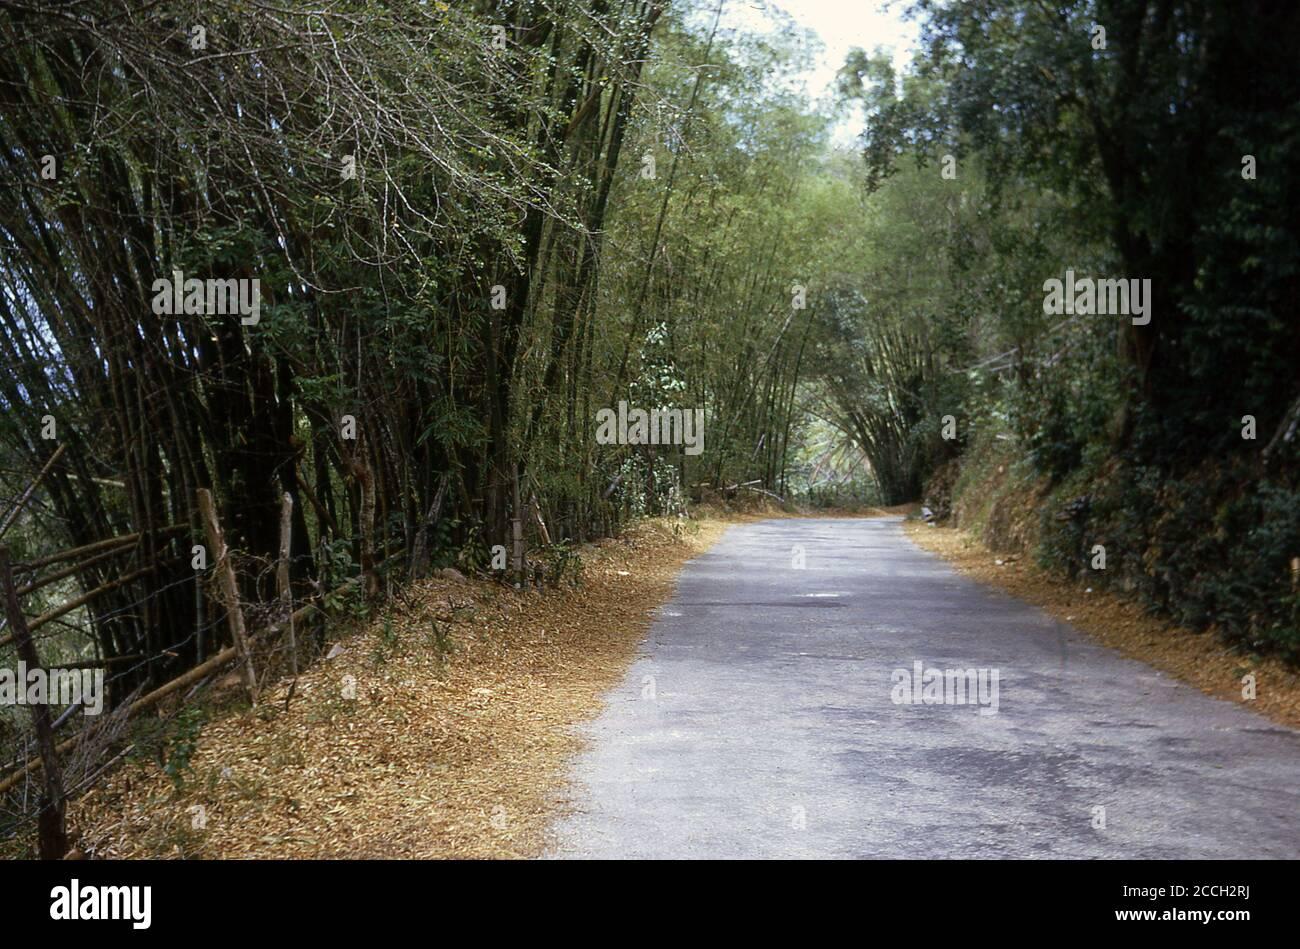 Bamboo 'alberi' accanto a una strada collinare paese, Giamaica, 1970. Anche se il bambù è tecnicamente un 'erba', quelli più grandi sono molto albero-come in apparenza e possono crescere in altezza fino a 40 metri. Il bambù è un materiale da costruzione molto leggero ma è tre volte più forte che il legno ed ha una resistenza a trazione maggiore che l'acciaio. Una coltura sostenibile, che richiede circa 3 anni per maturare, rispetto ai 30-40 anni per un albero, è un'alternativa ecologica praticabile alla plastica, ma quando è cresciuta commercialmente ha bisogno di essere gestita bene, altrimenti diventa invasiva. Foto Stock